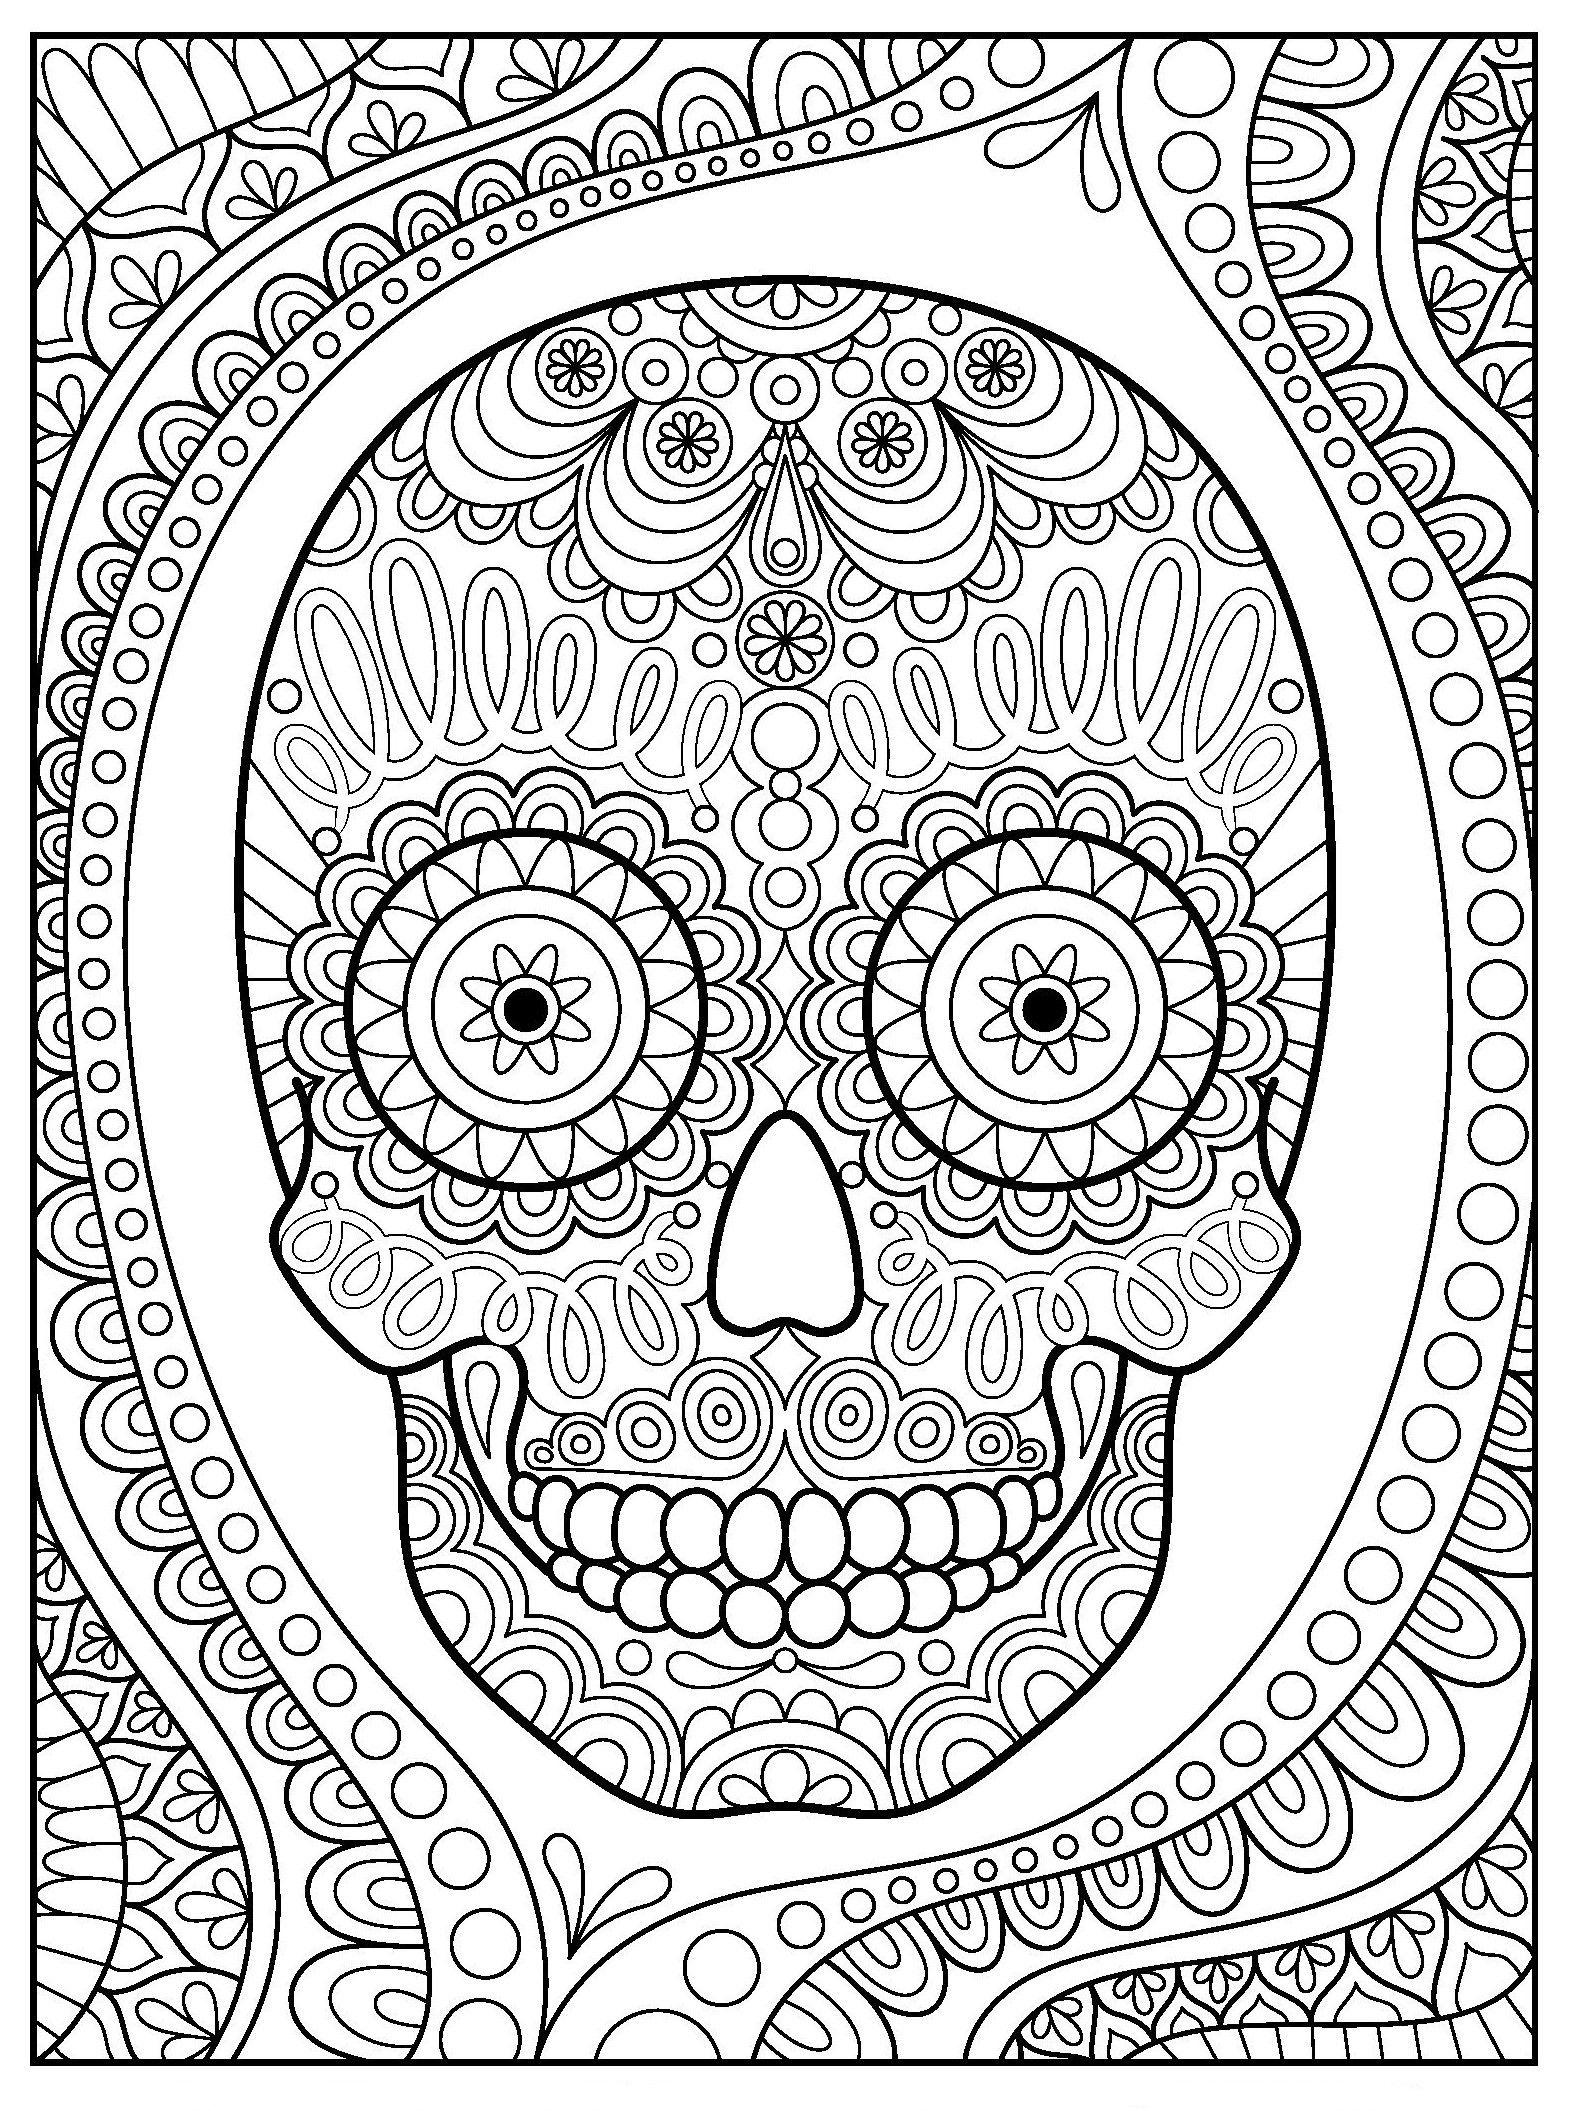 Раскраски «Хэллоуин» - «Крутой череп с орнаментом ...